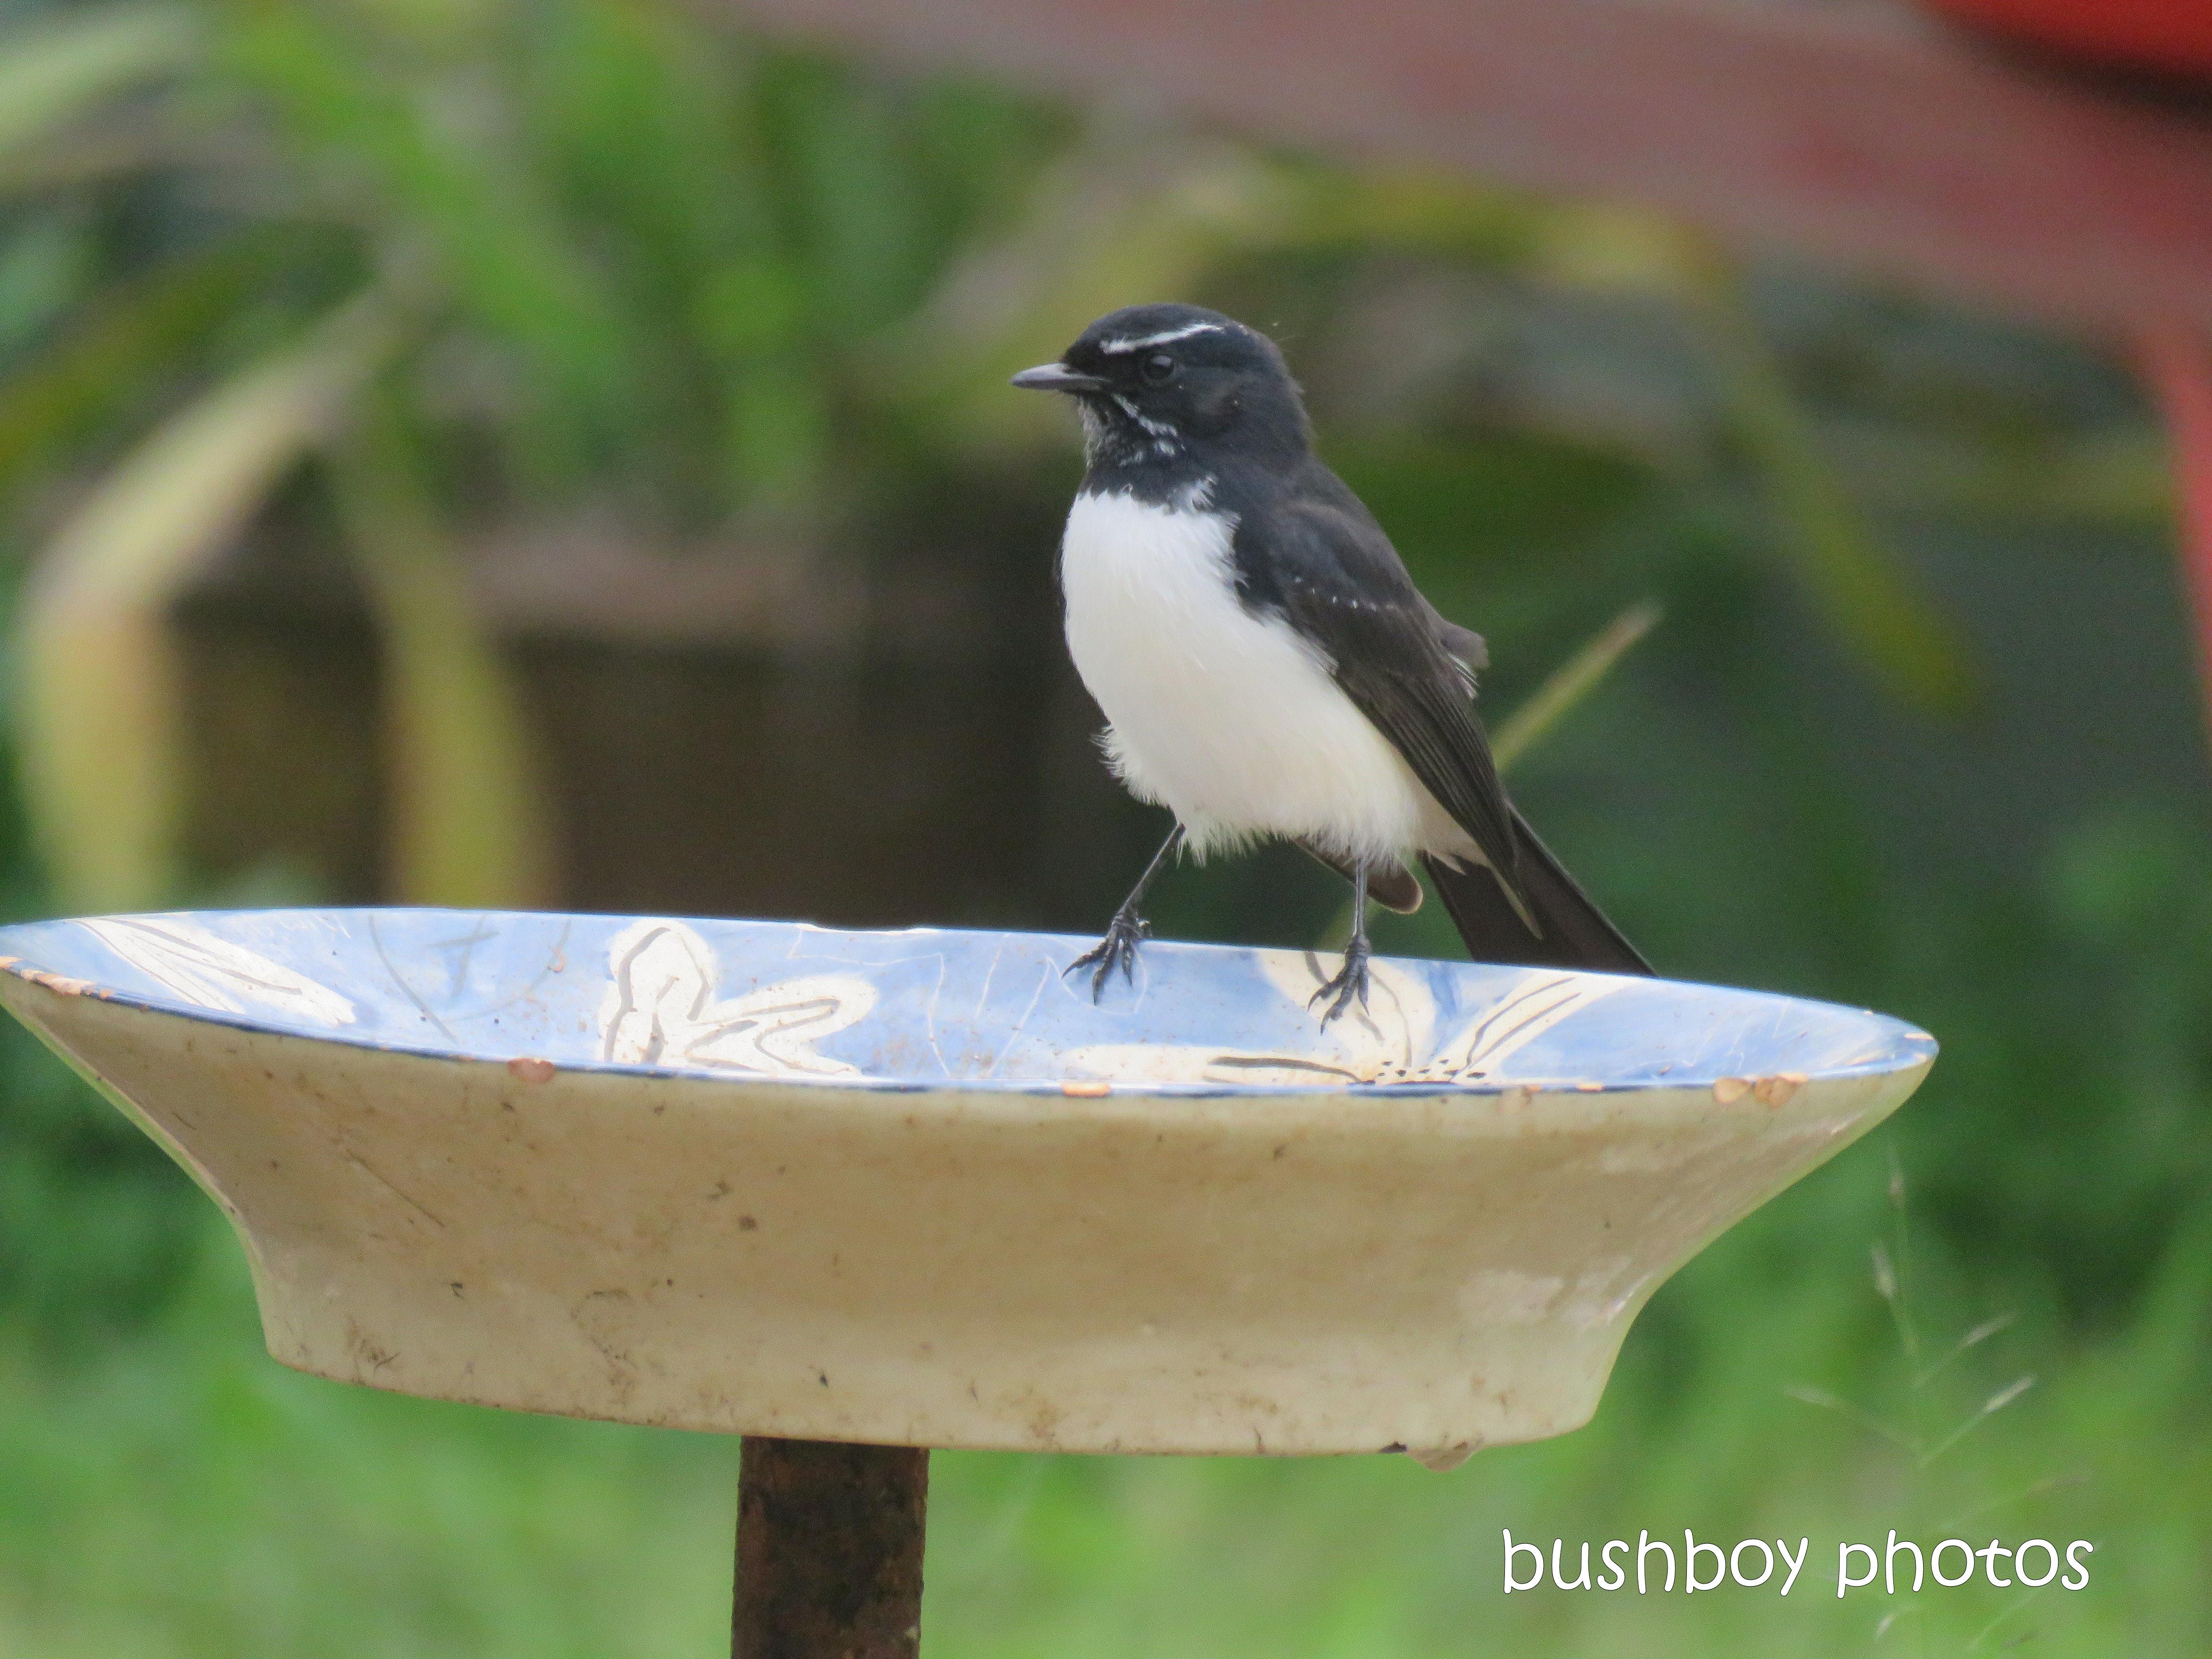 willie_wagtail_bird_bath_named_caniaba_blog1